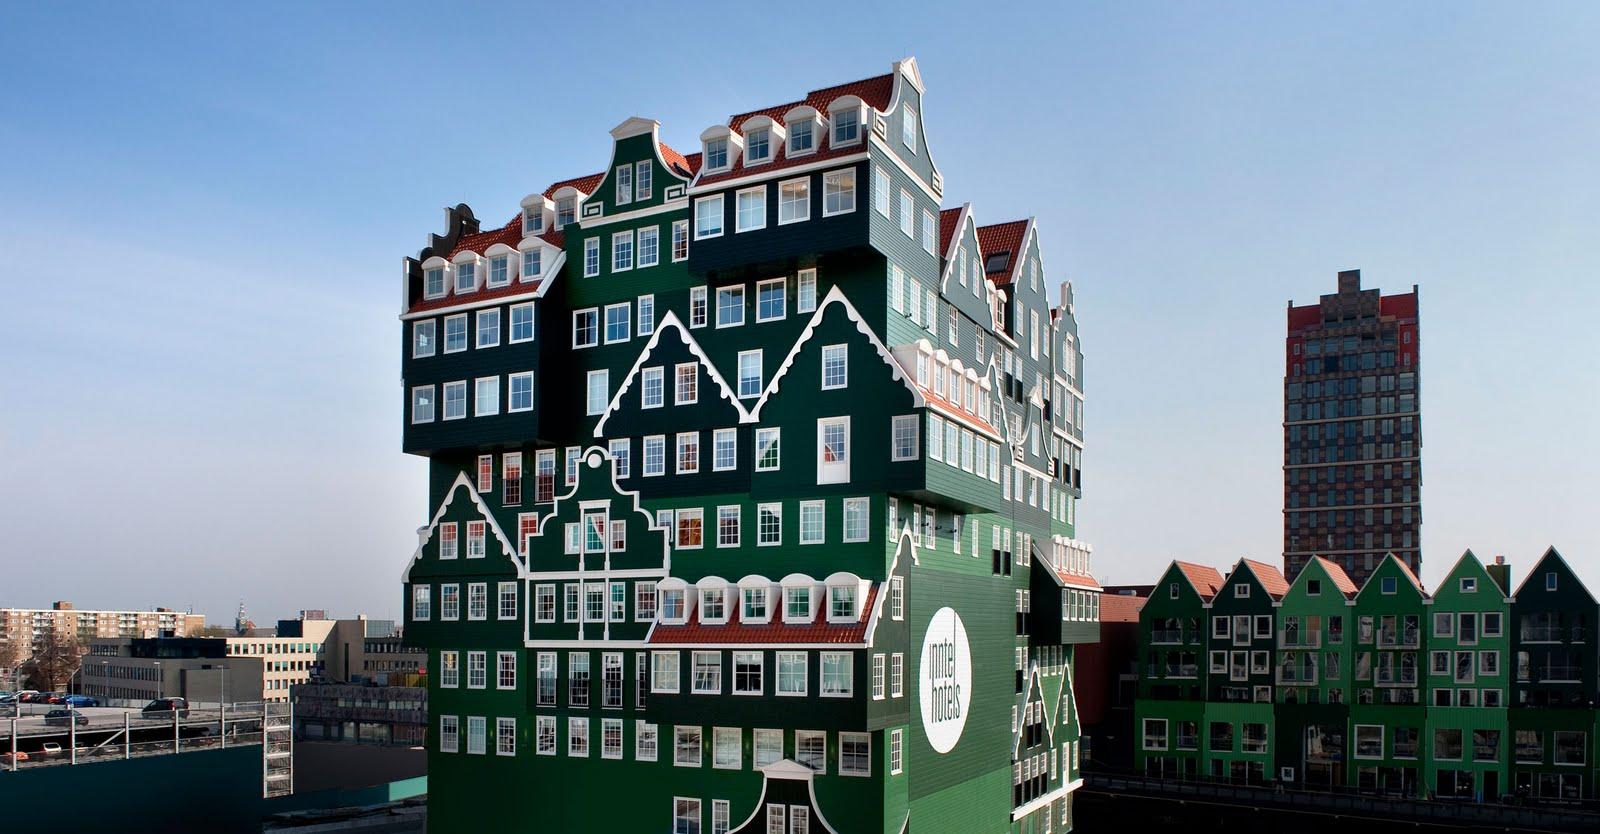 Hotel In Amsterdam Pics